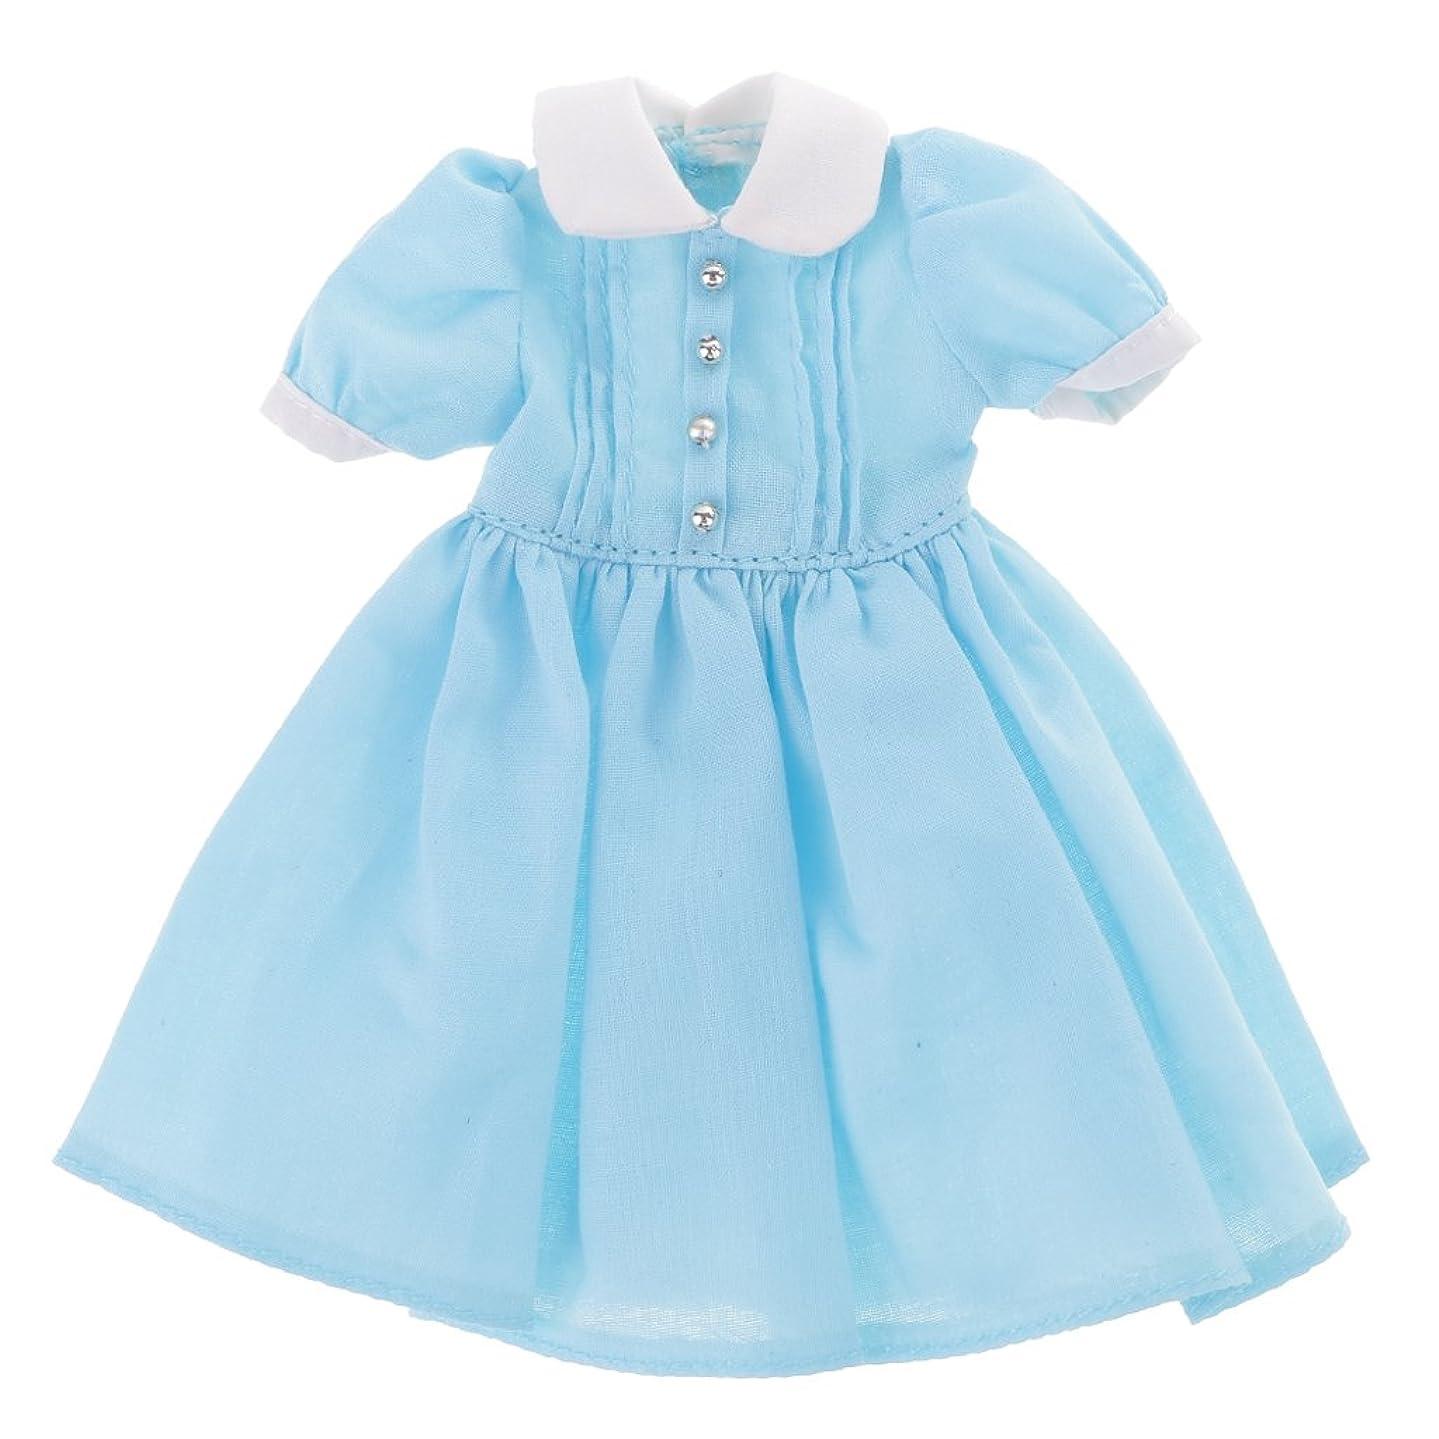 心配する割り当てます全国全3色 人形服 ドレス ワンピース ドレスアップ 12インチのブライスドール用 長さ約12.5cm  - ブルー